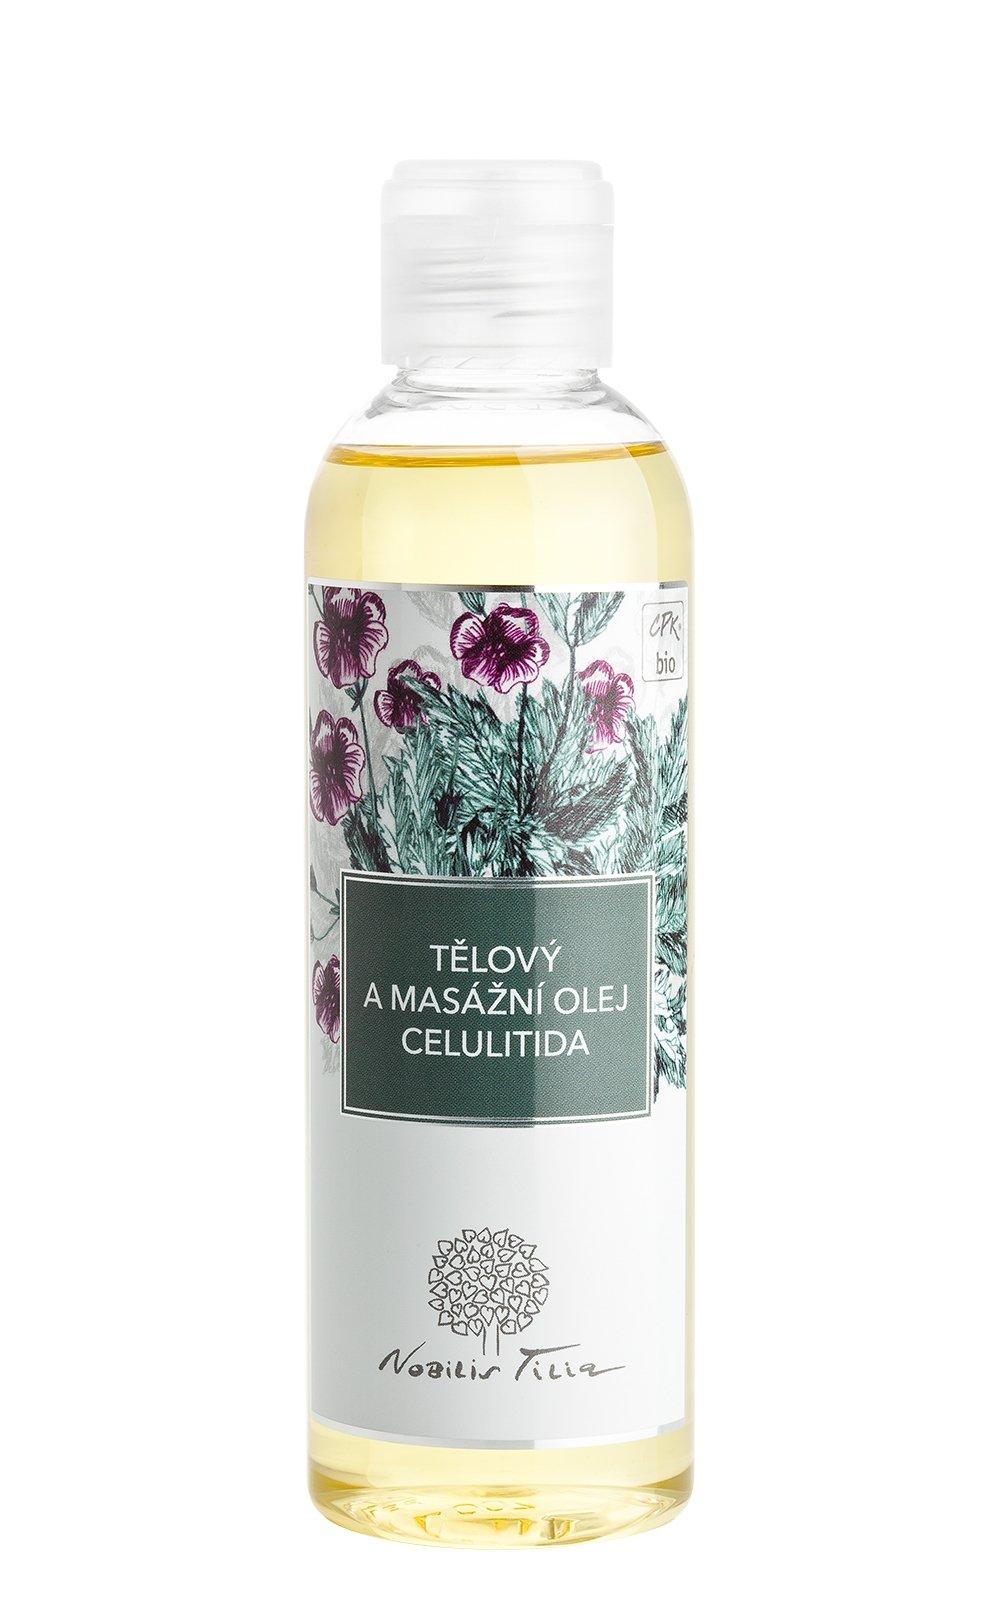 Tělový a masážní olej Celulitida